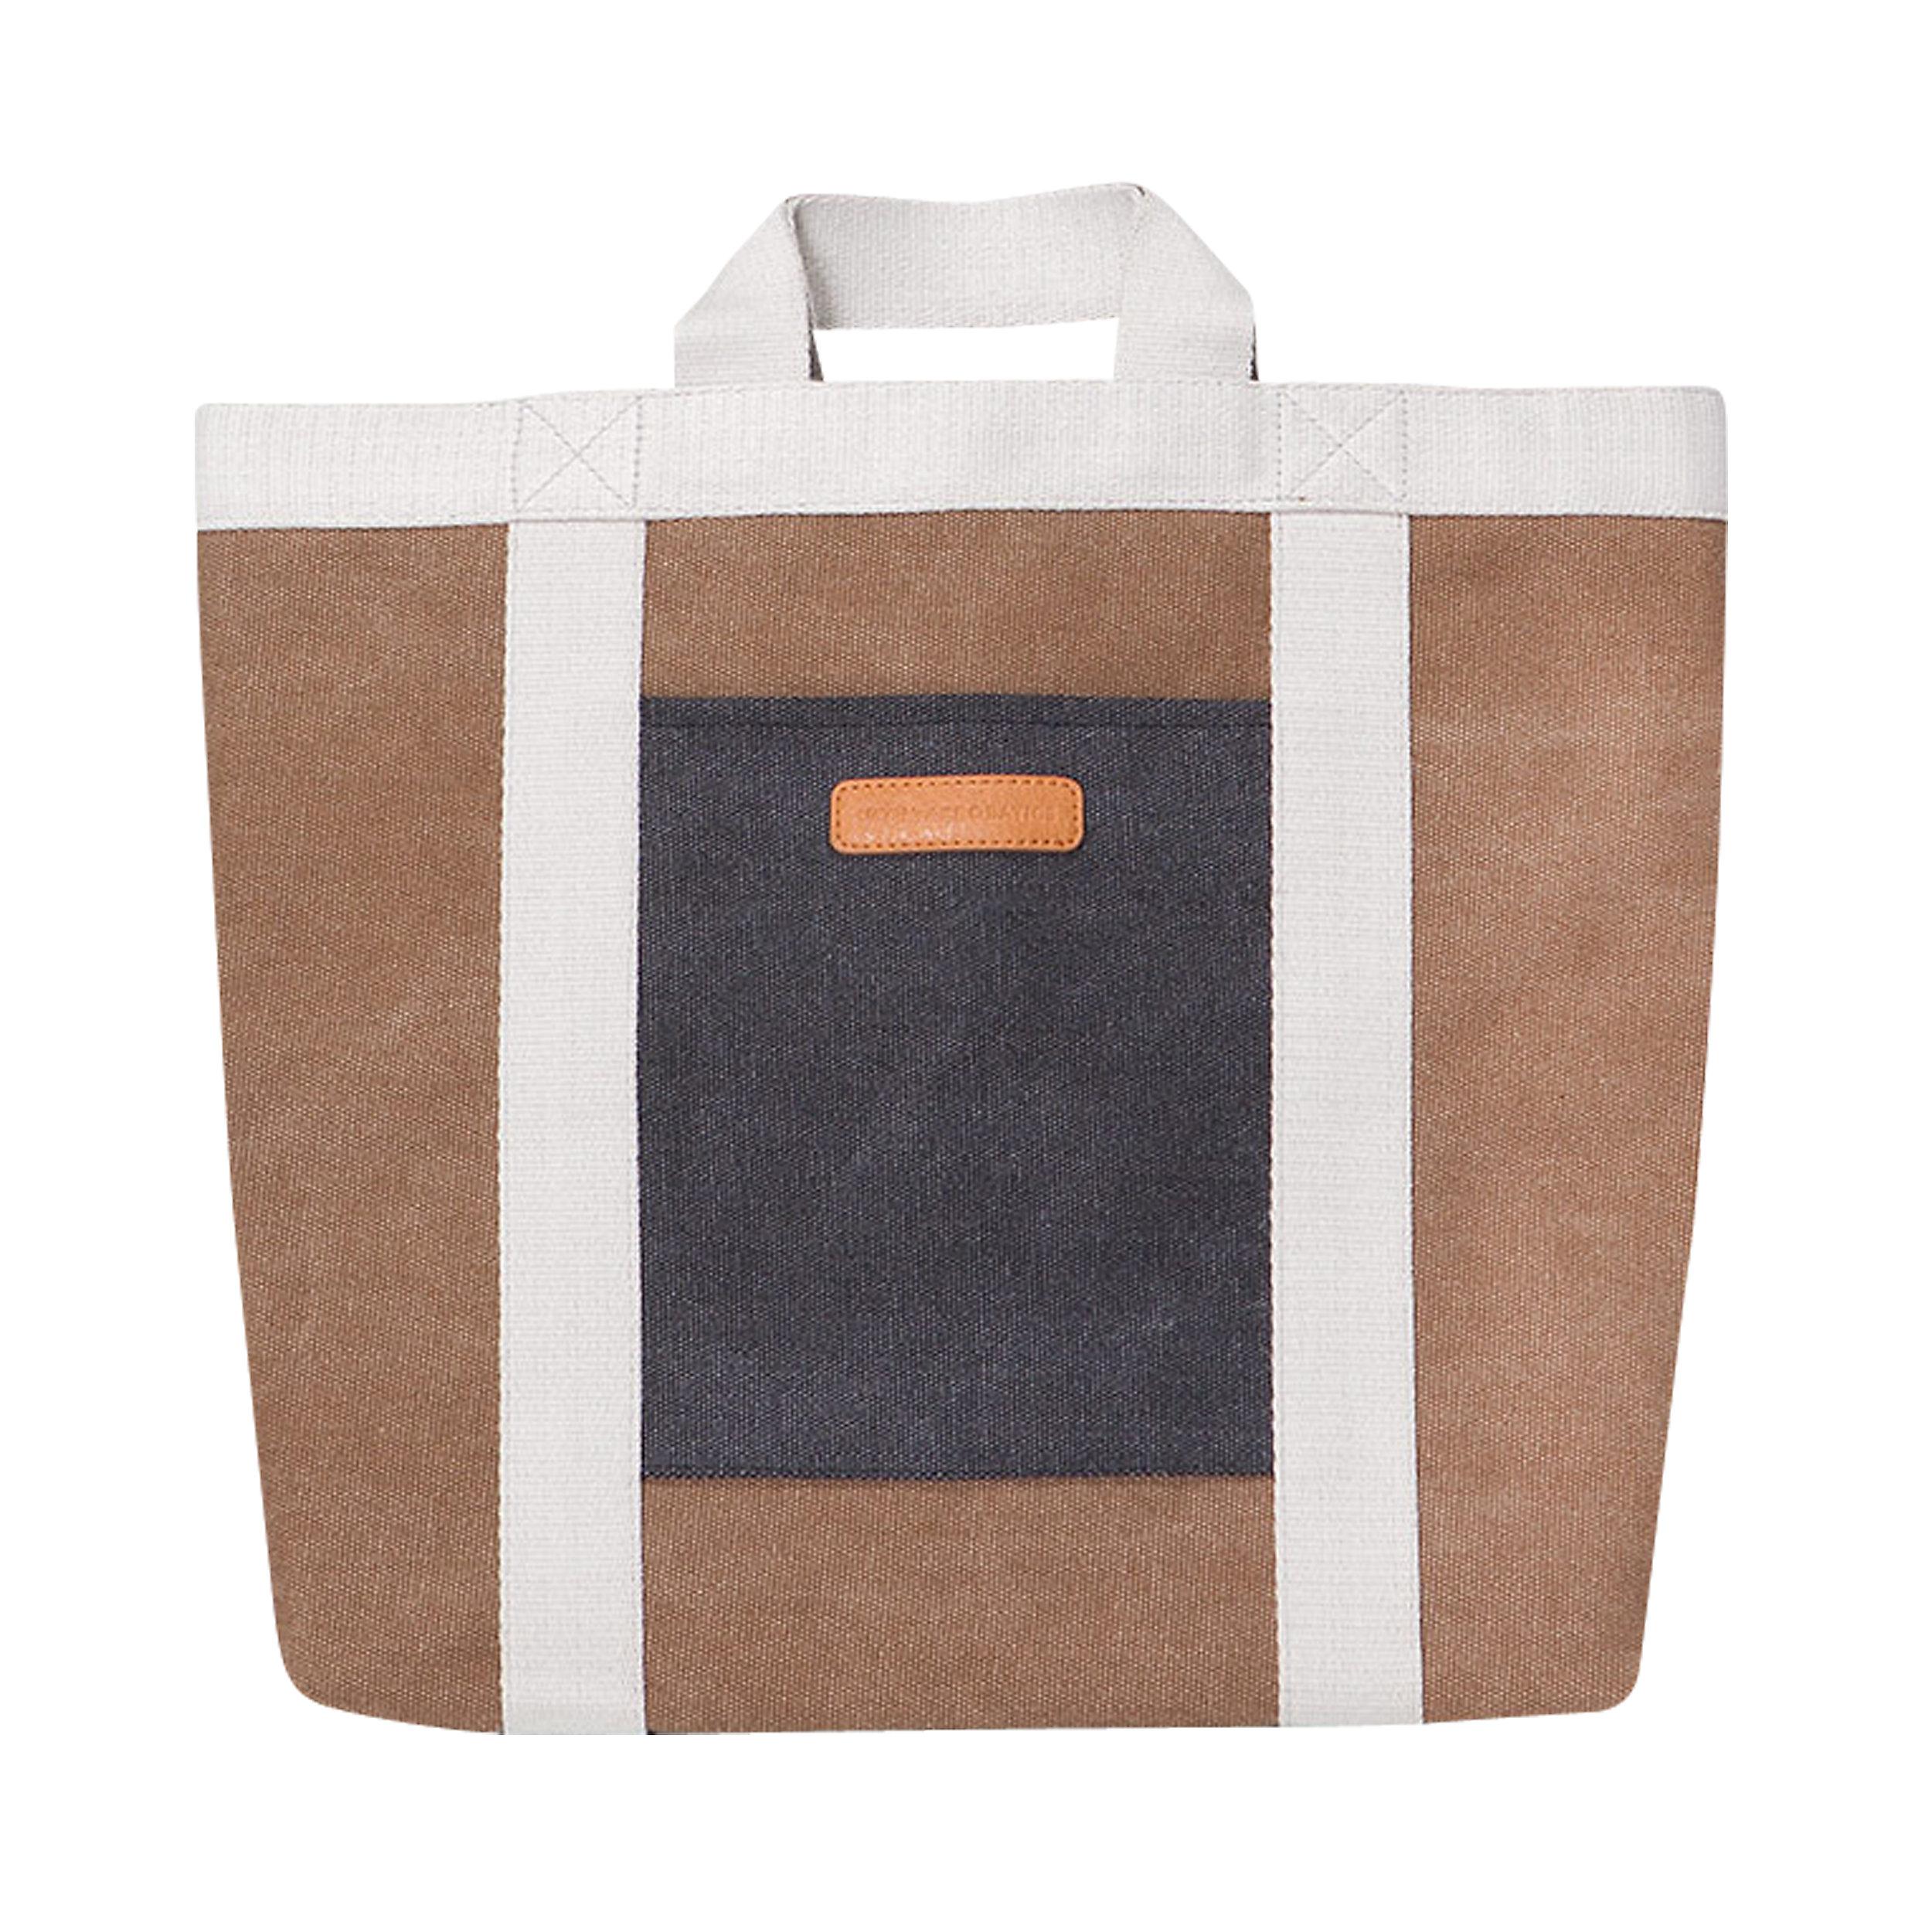 Handtasche Tilda Original Series